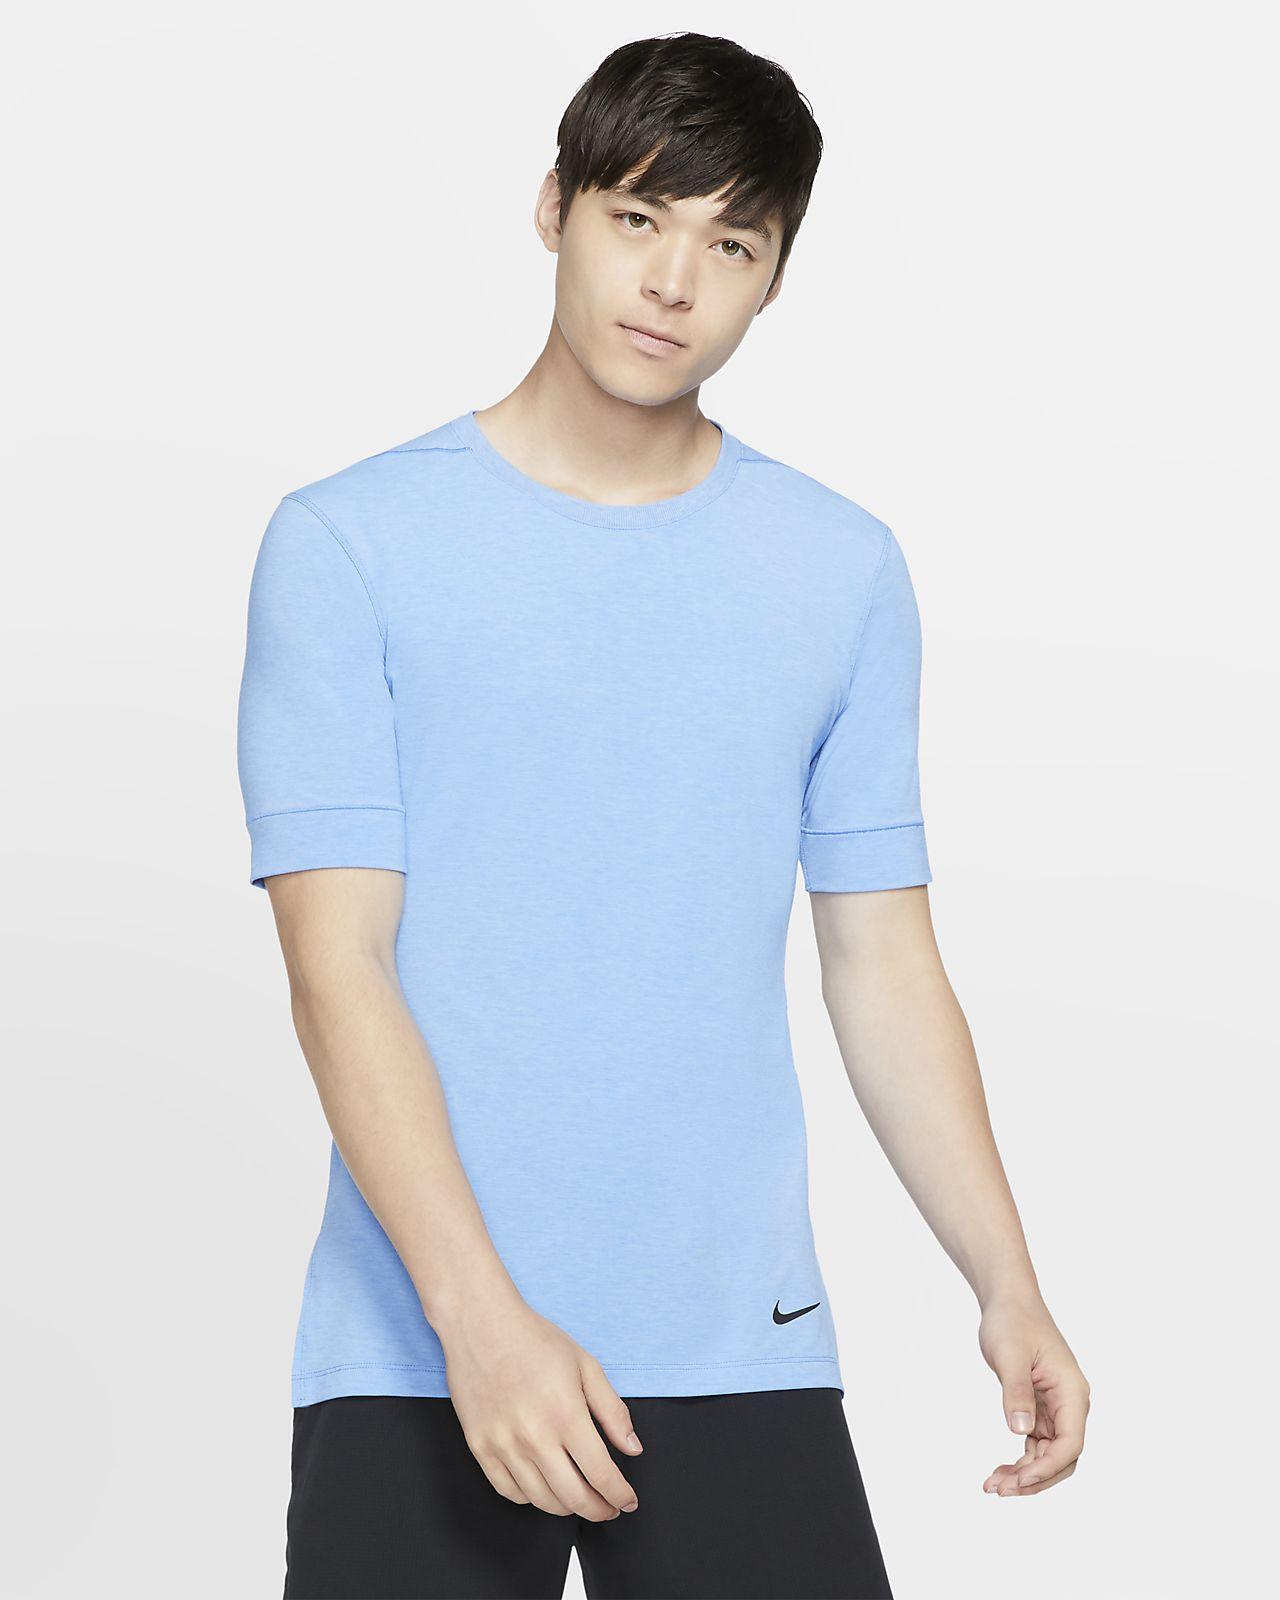 Camisola de ioga de manga curta Nike Dri-FIT para homem